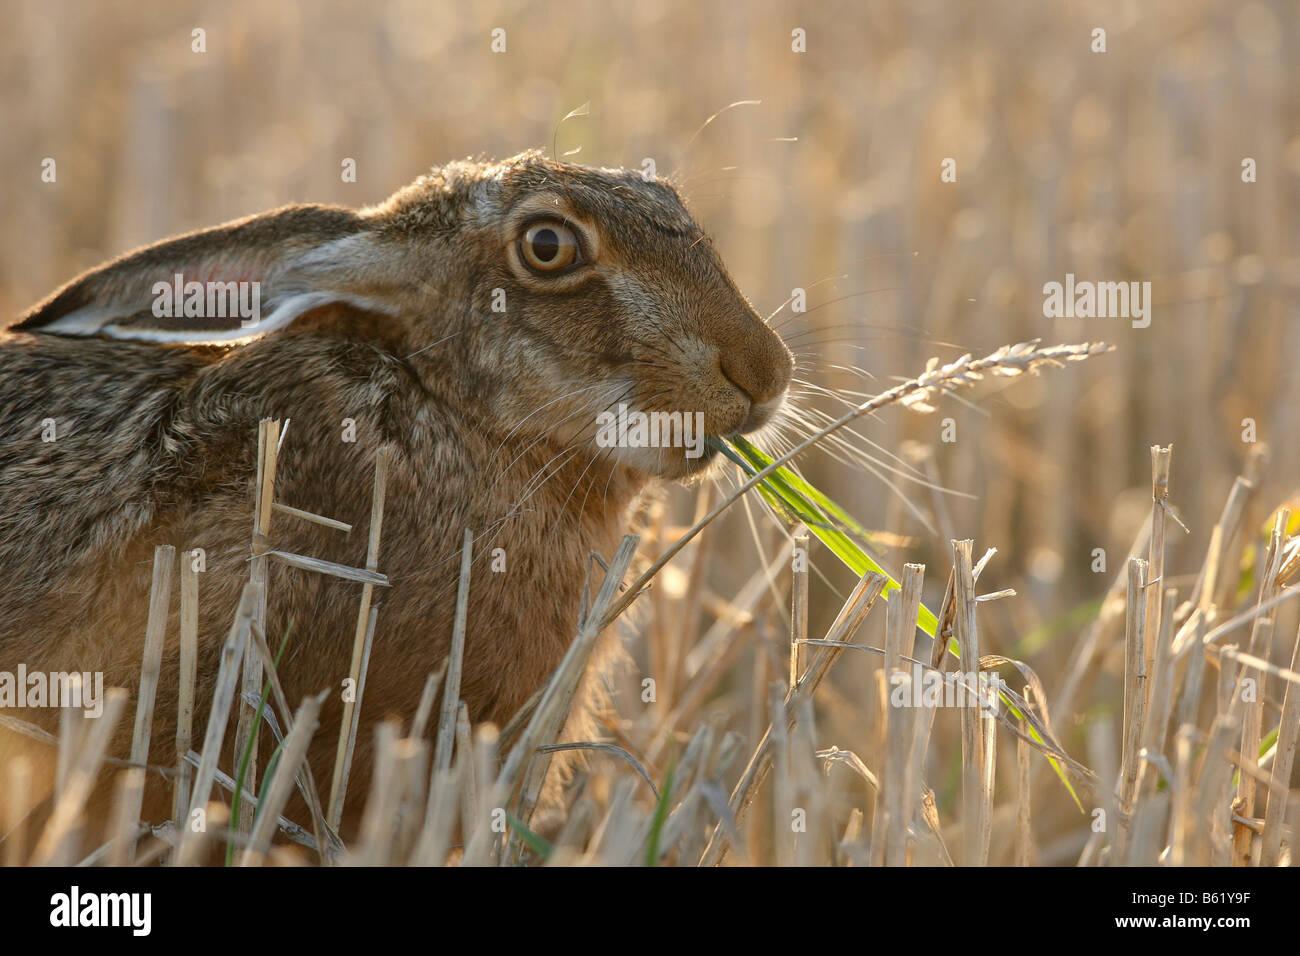 Europäische oder brauner Hase (Lepus Europaeus) Fütterung, Föhr, Schleswig-Holstein, Deutschland, Europa Stockfoto